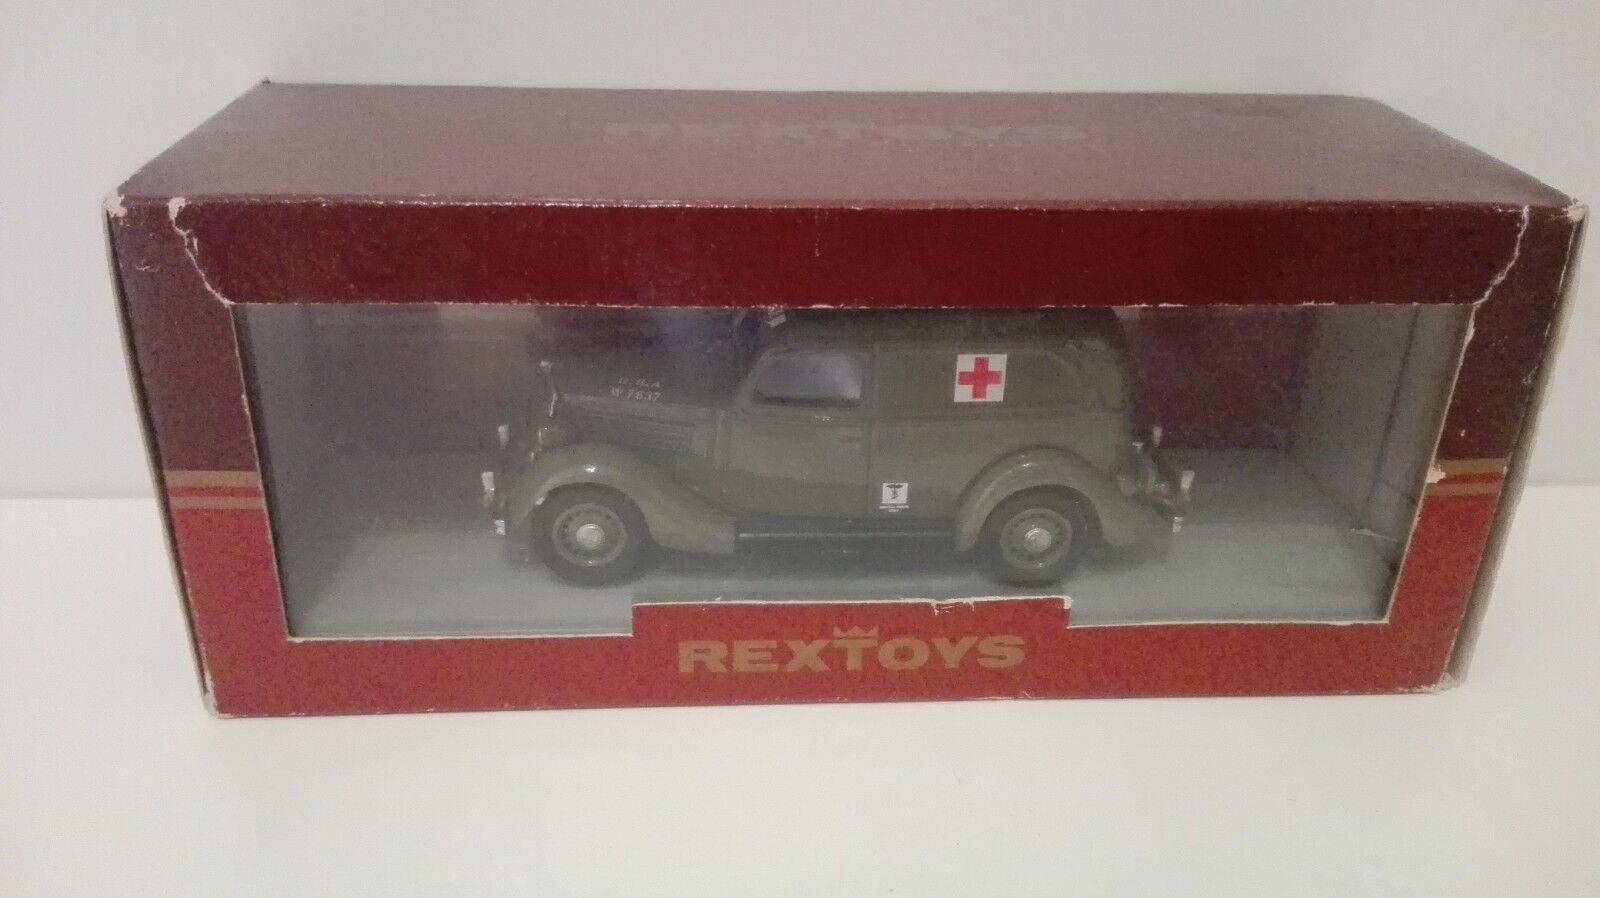 REXTOYS FORD 1935 FOURGONNETTE 45 Modello Modello Modello AMBULANCE MILITARE 1   43 1 43 0ec3d6